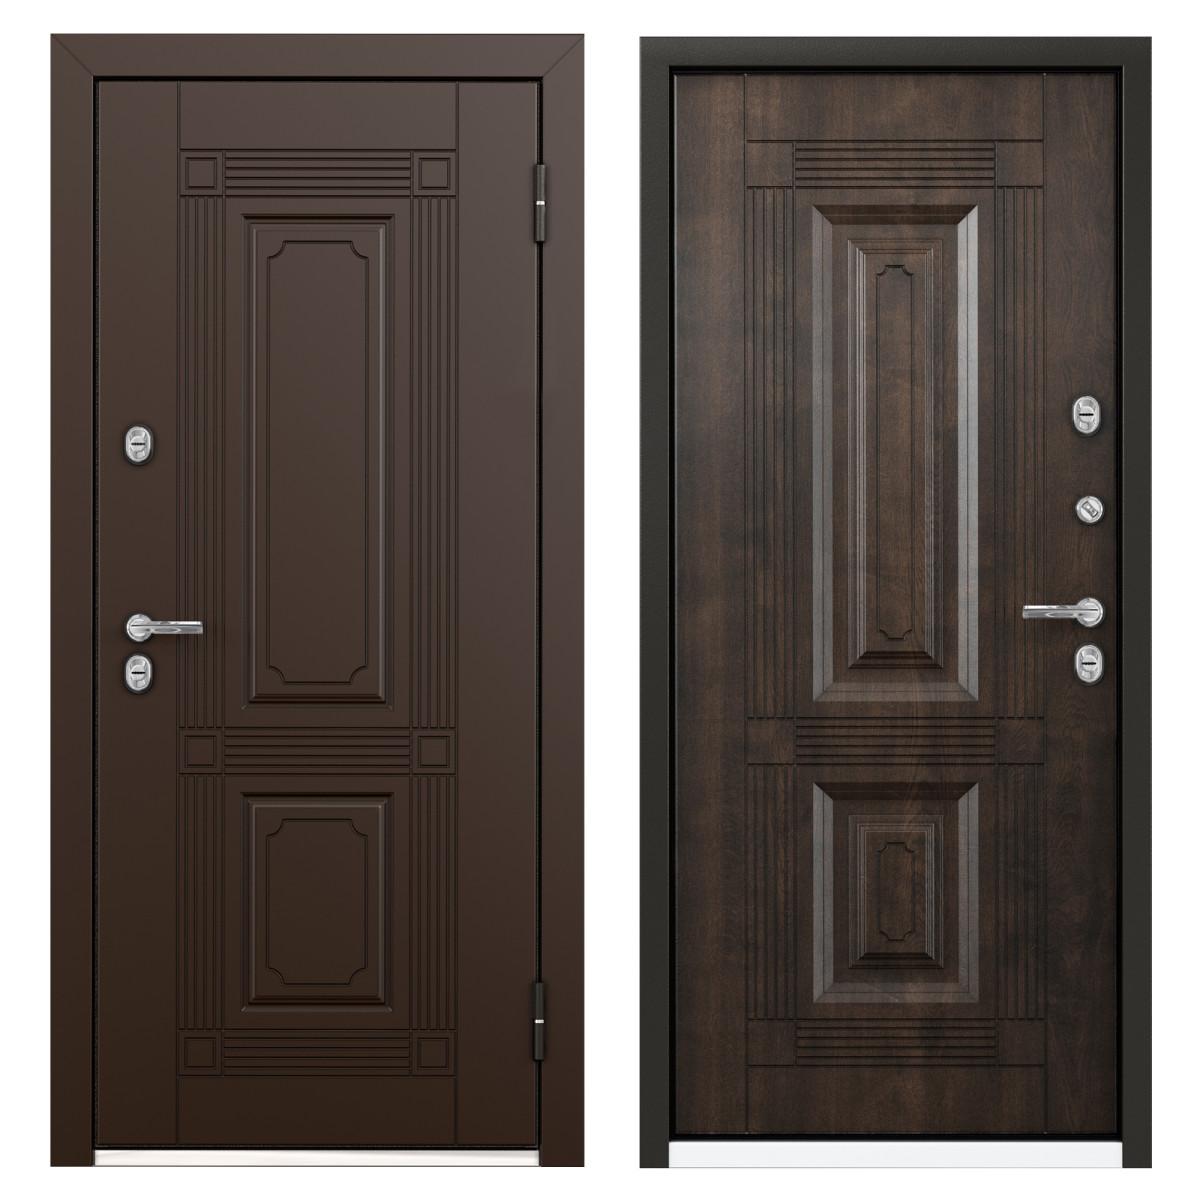 Дверь металлическая Термо С-2 РР 880 мм правая цвет грецкий орех